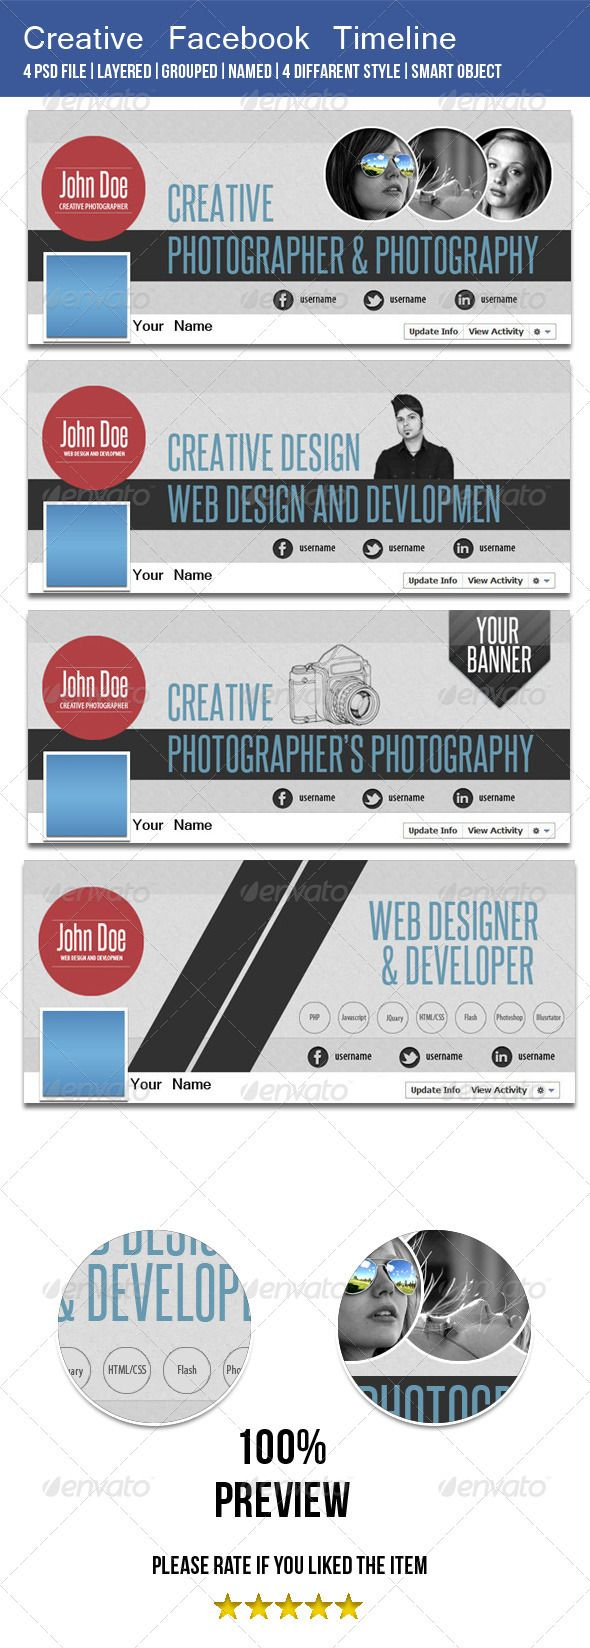 Creative fb Timeline Cover Image | Fb timeline cover, Timeline ...